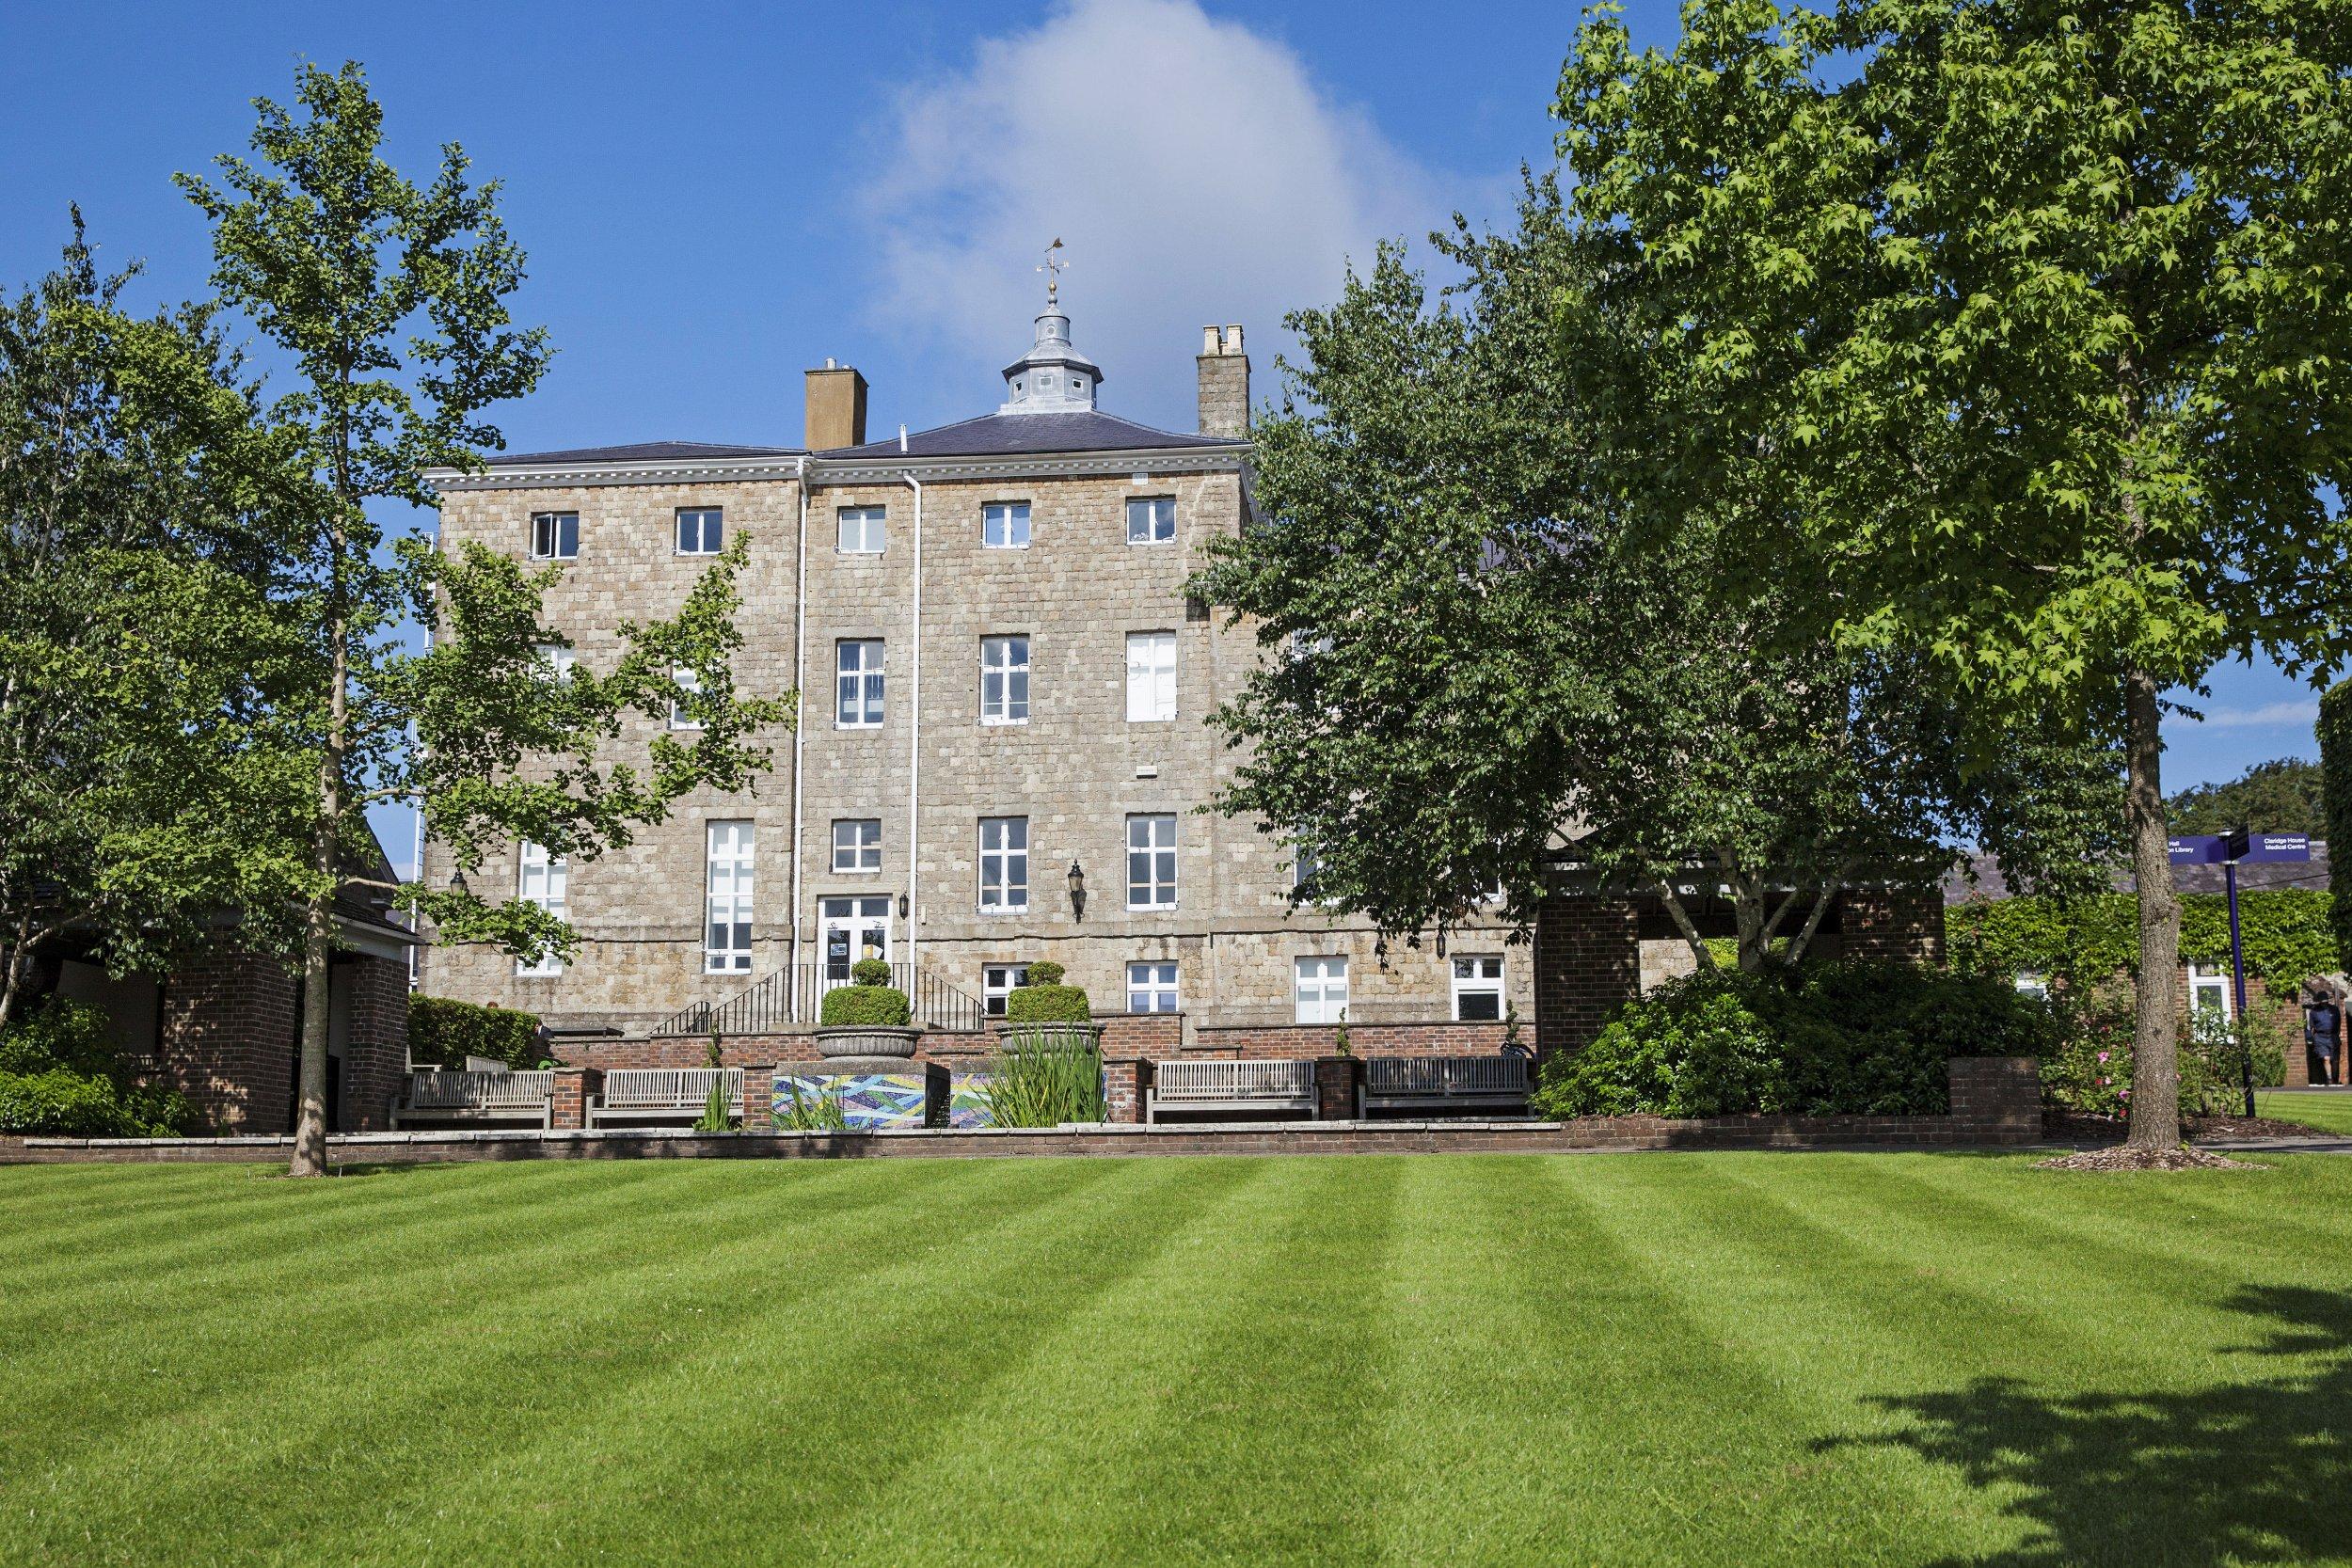 Sevenoaks School